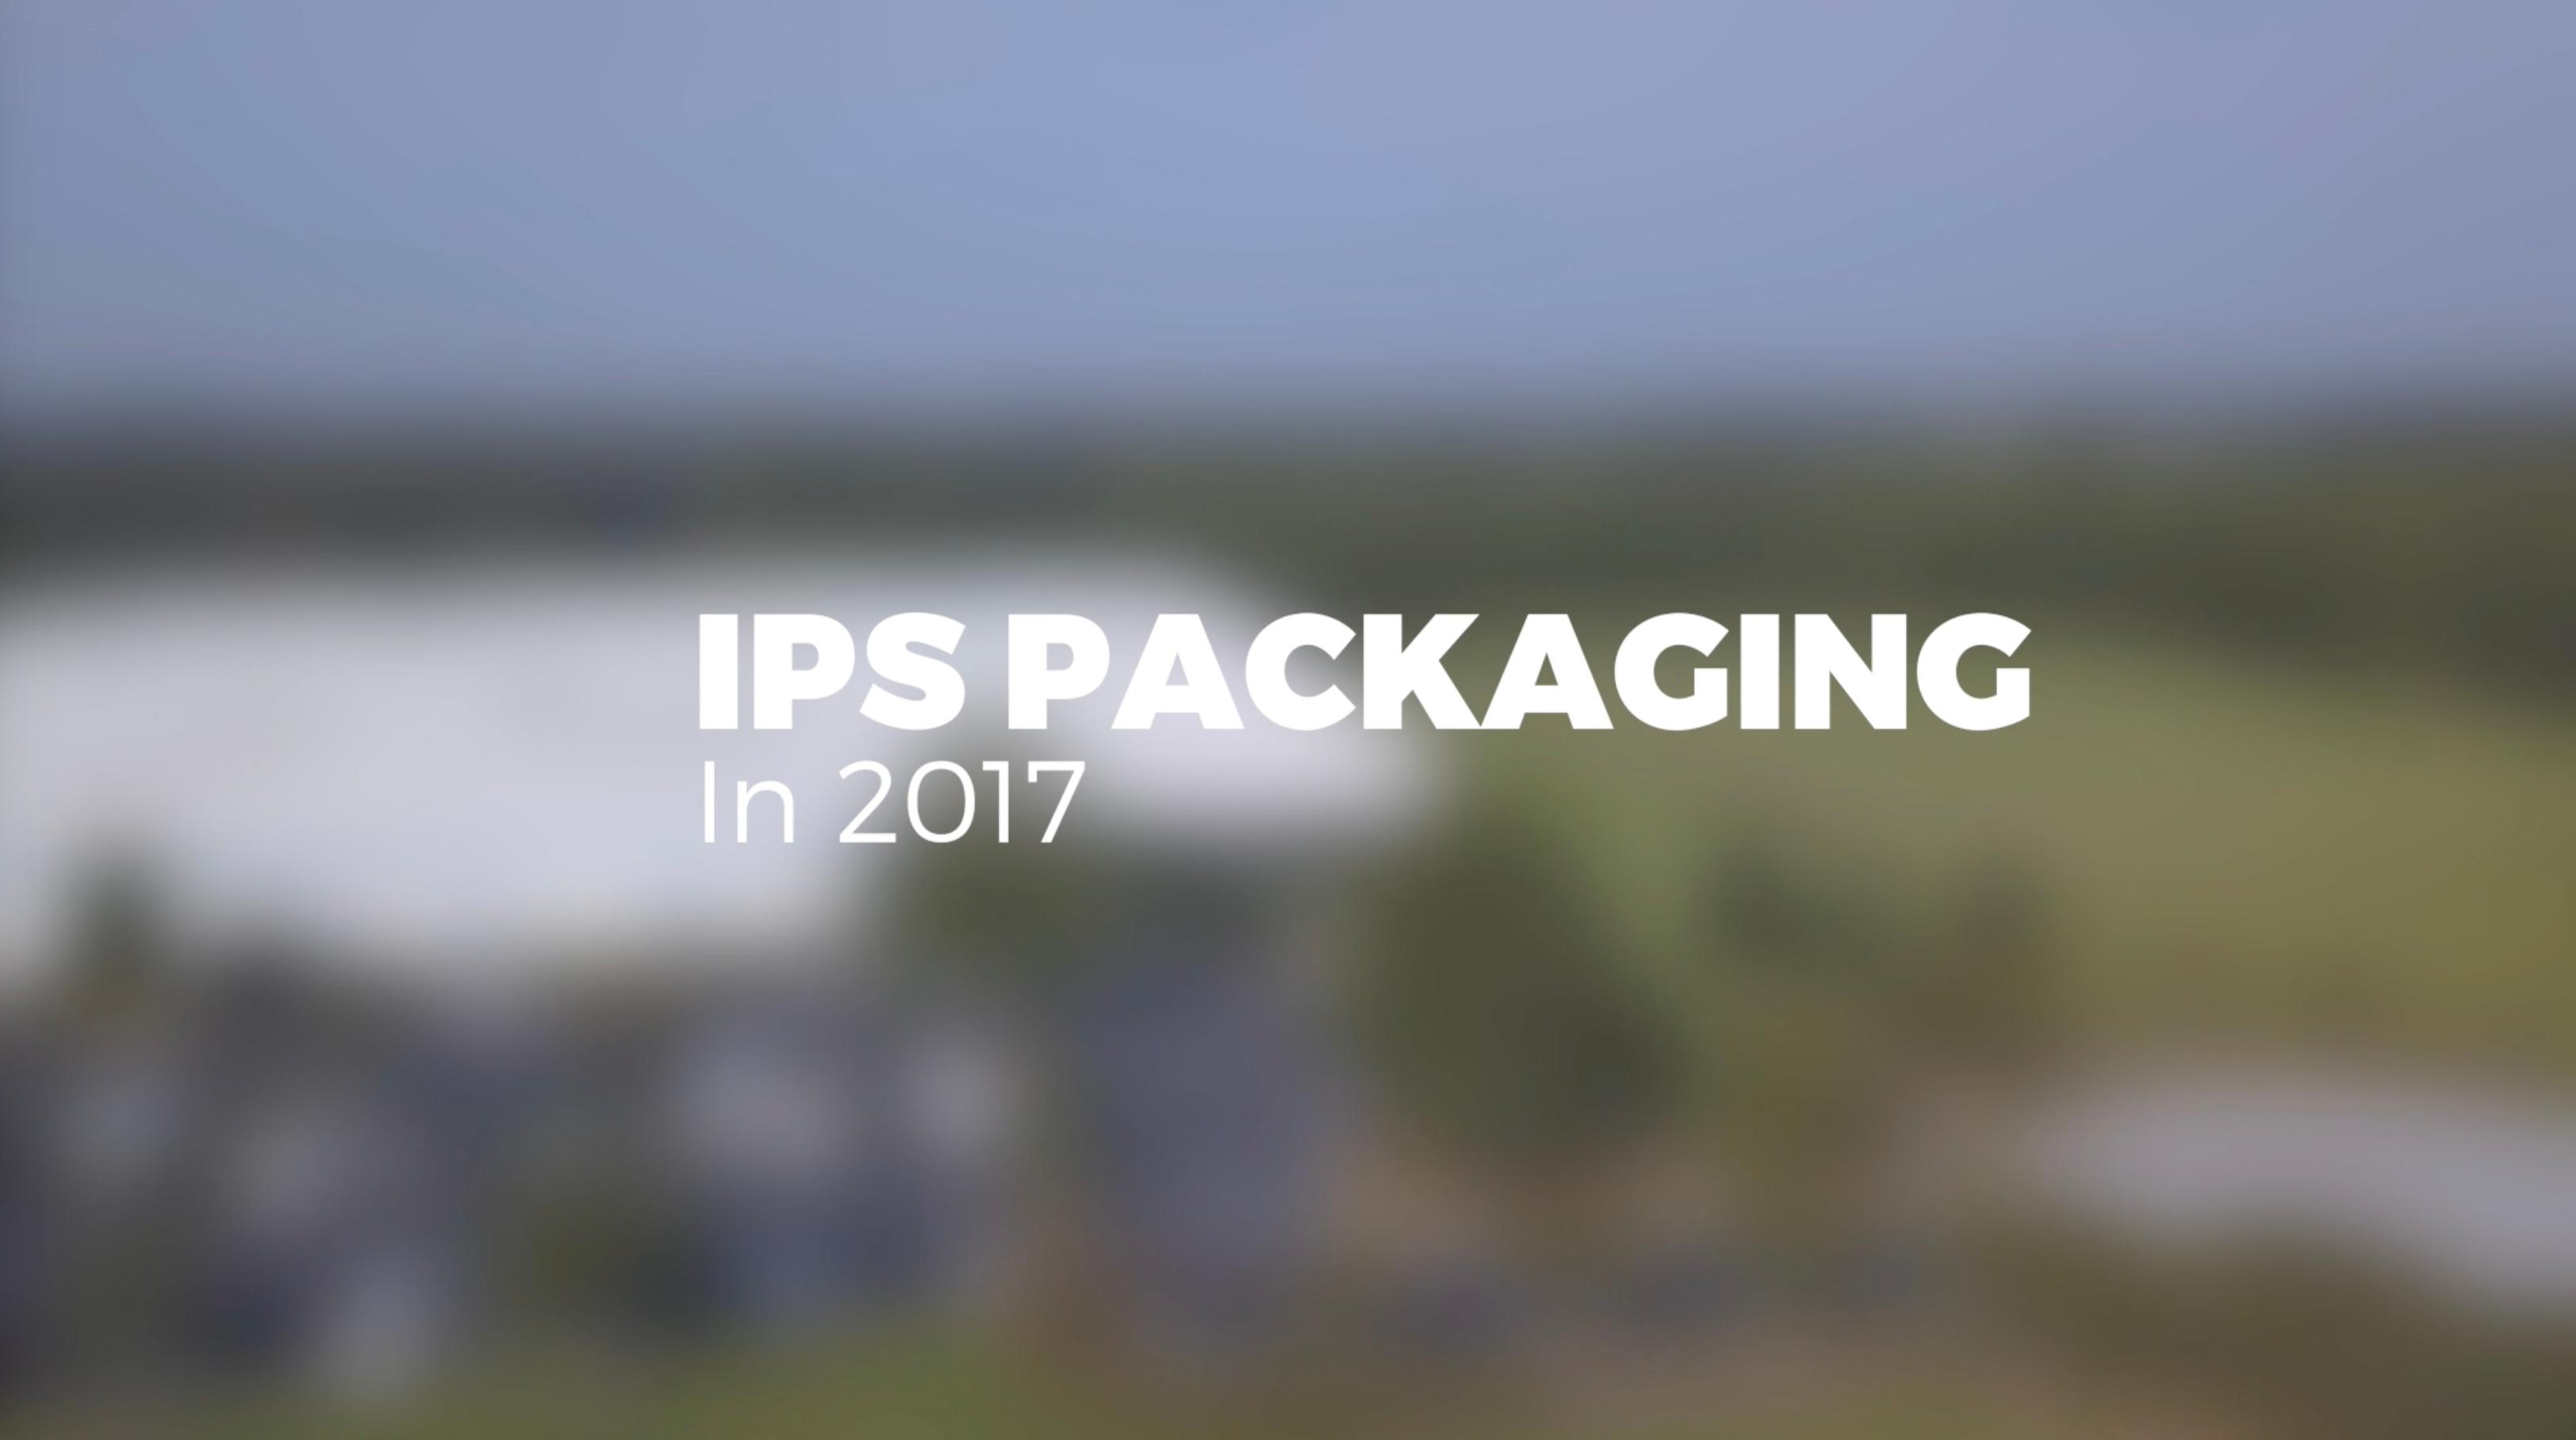 IPS Packaging in 2017: Video look back